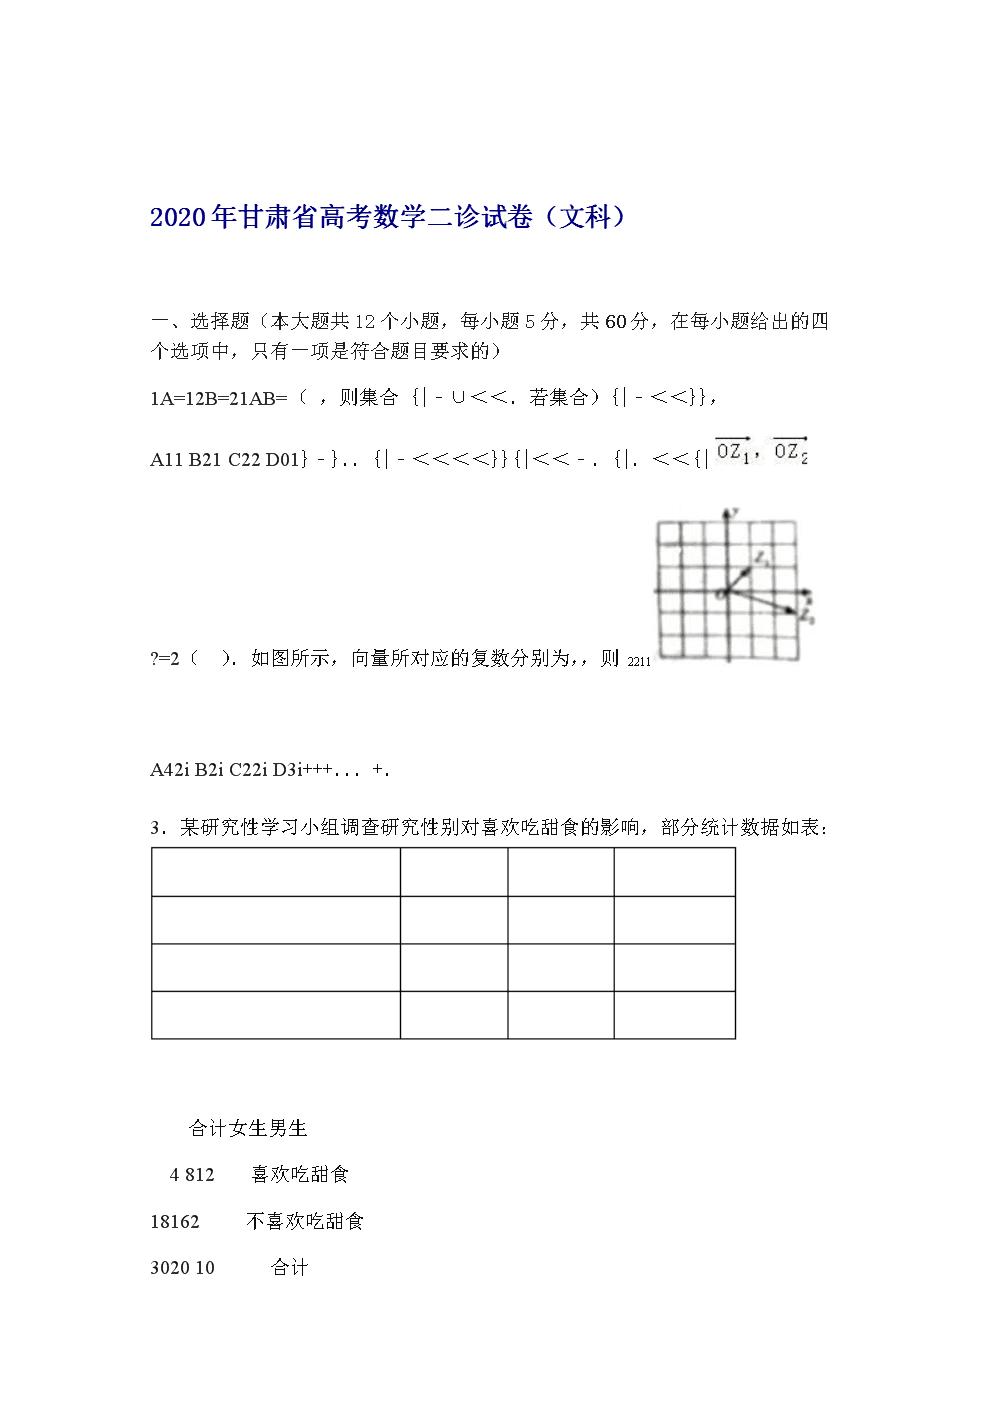 2020年甘肃省高考数学二诊试卷文科含解析推荐.doc